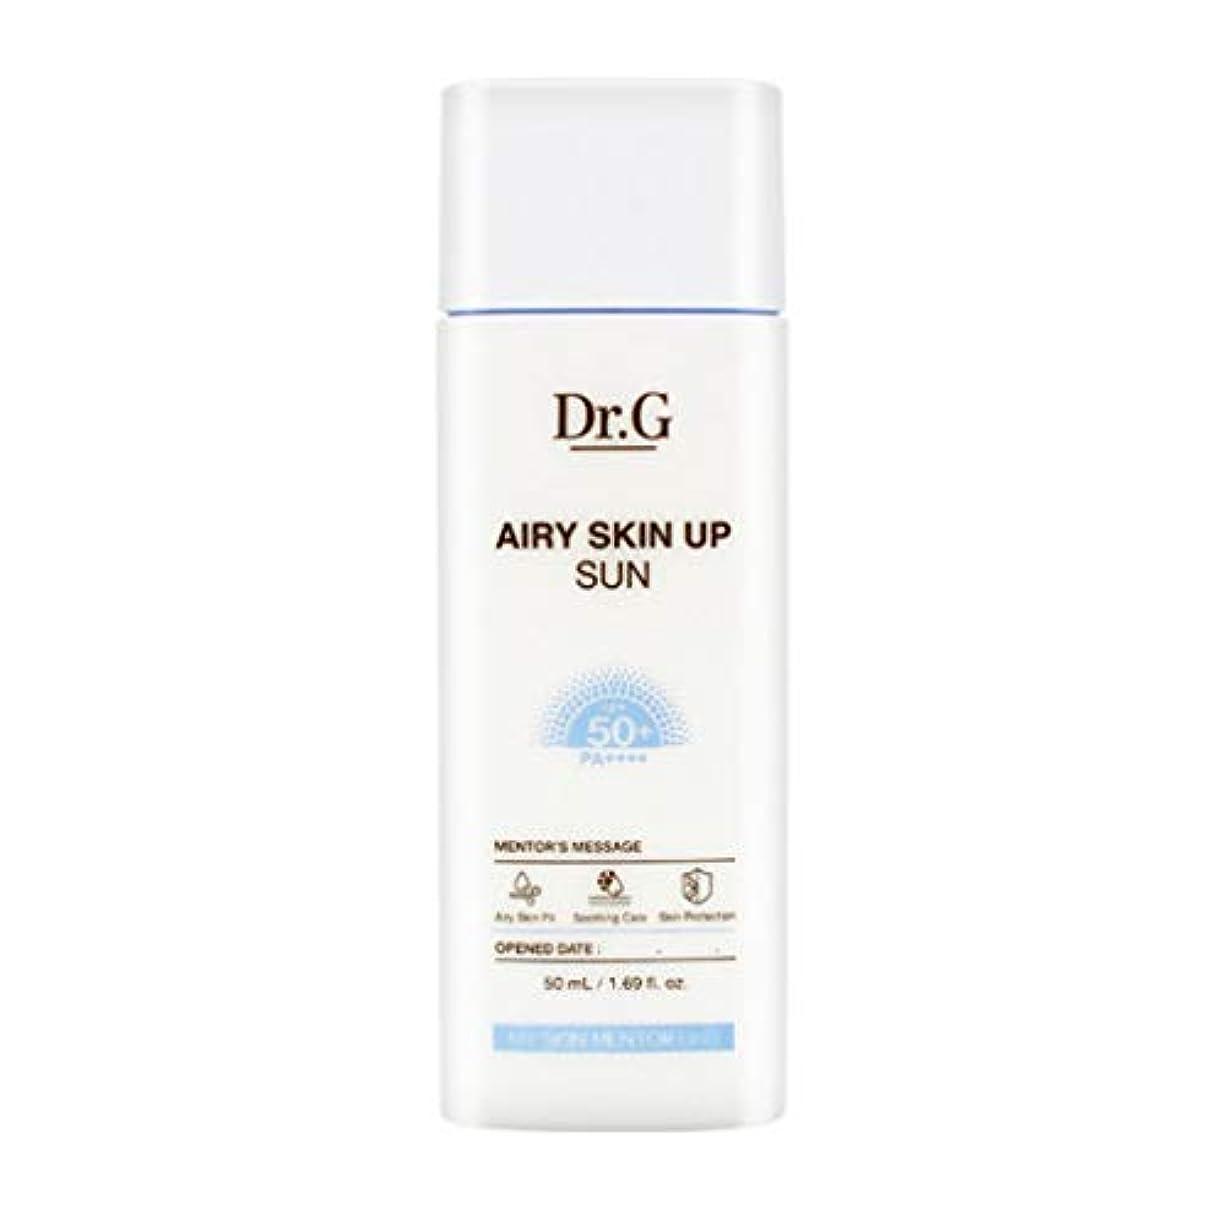 スキームブラウスエキゾチックDr.G ドクタージー Airy Skin Up Sun エアリースキンアップサン (50ml) SPF50+ PA++++ Dr G DrG 日焼け止め